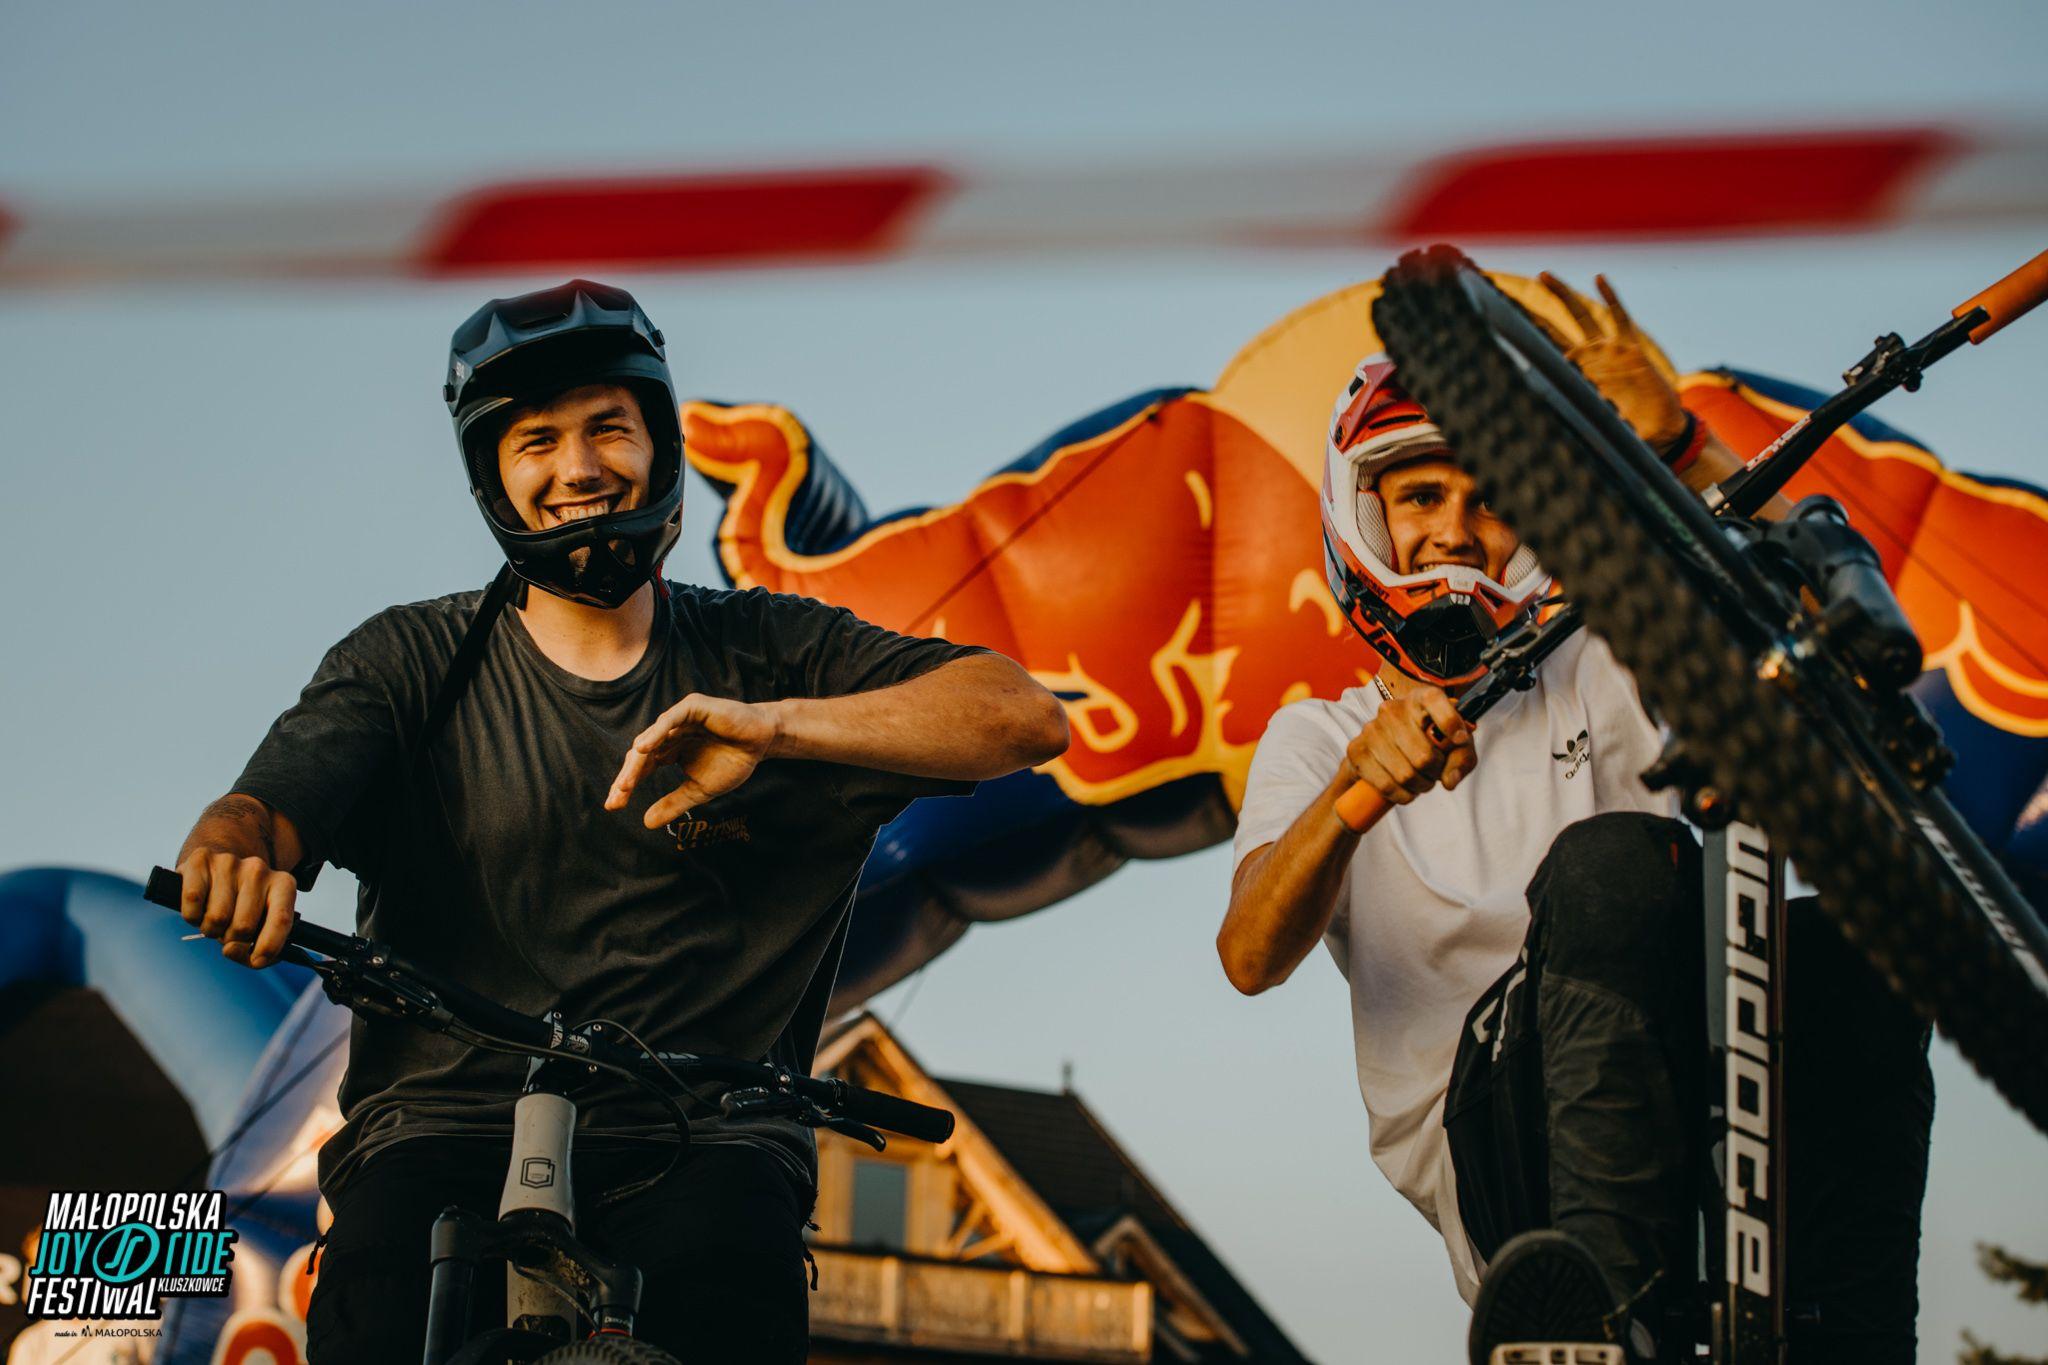 Wystartowały zapisy na Małopolska Joy Ride Festiwal 2021!